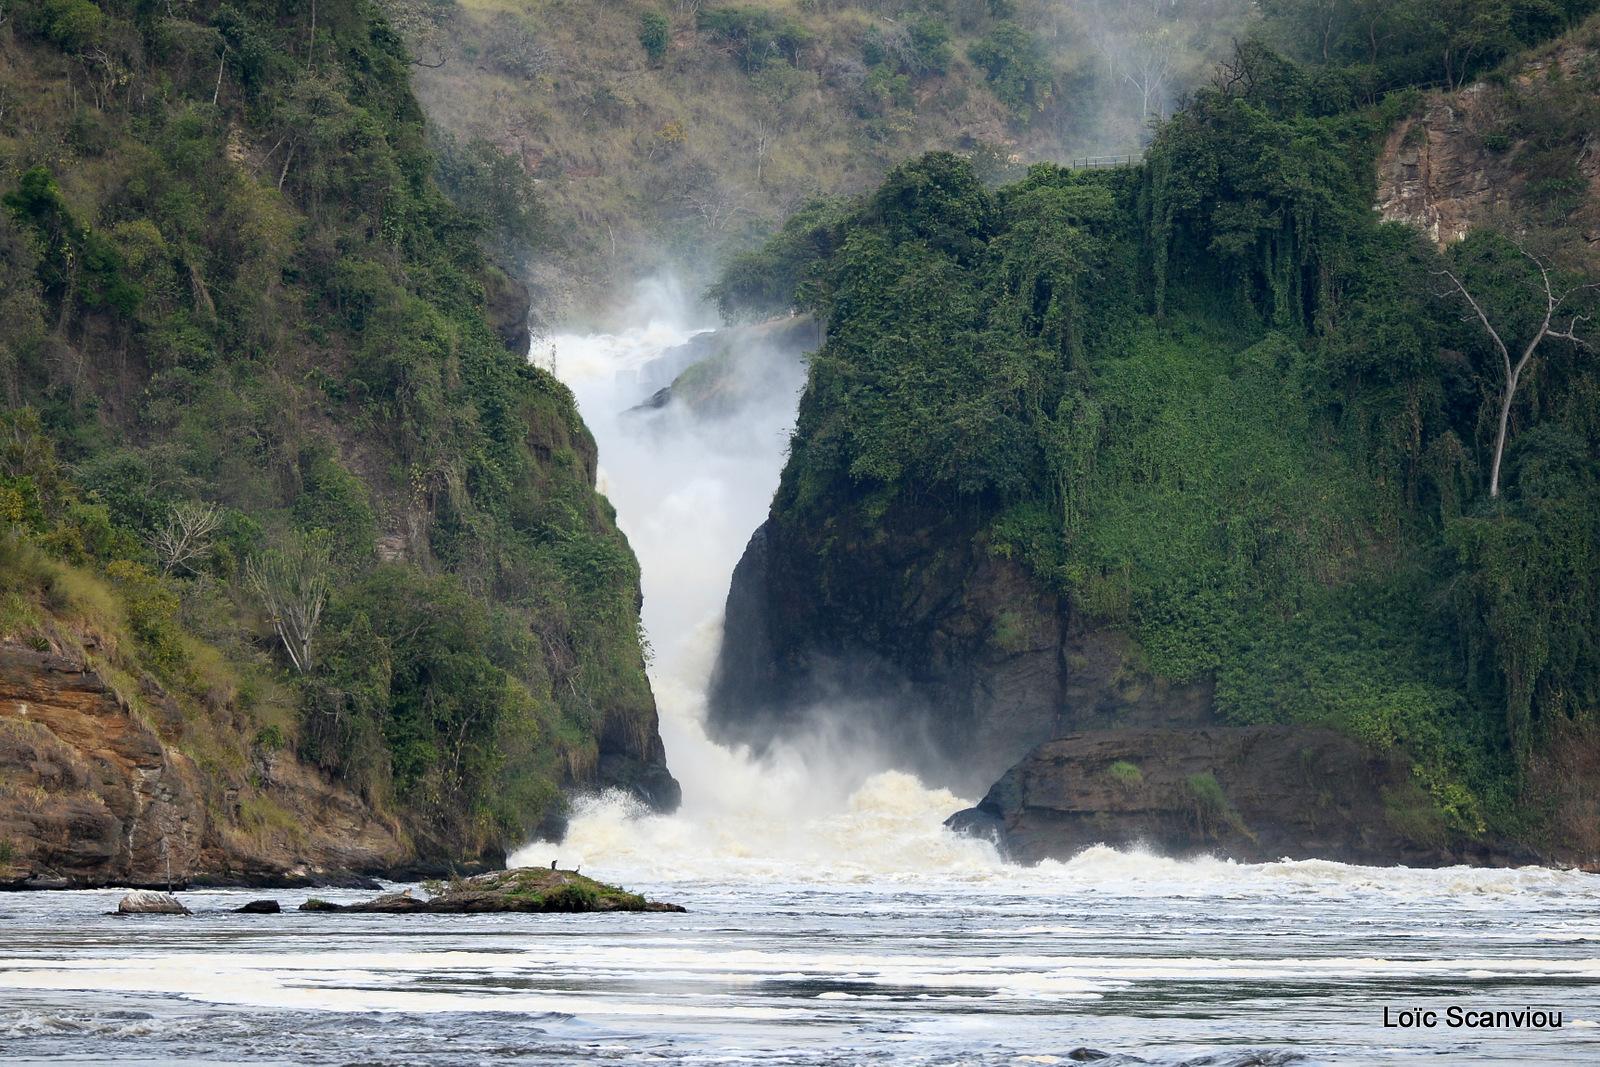 Les chutes de Murchison/Murchison Falls (12)